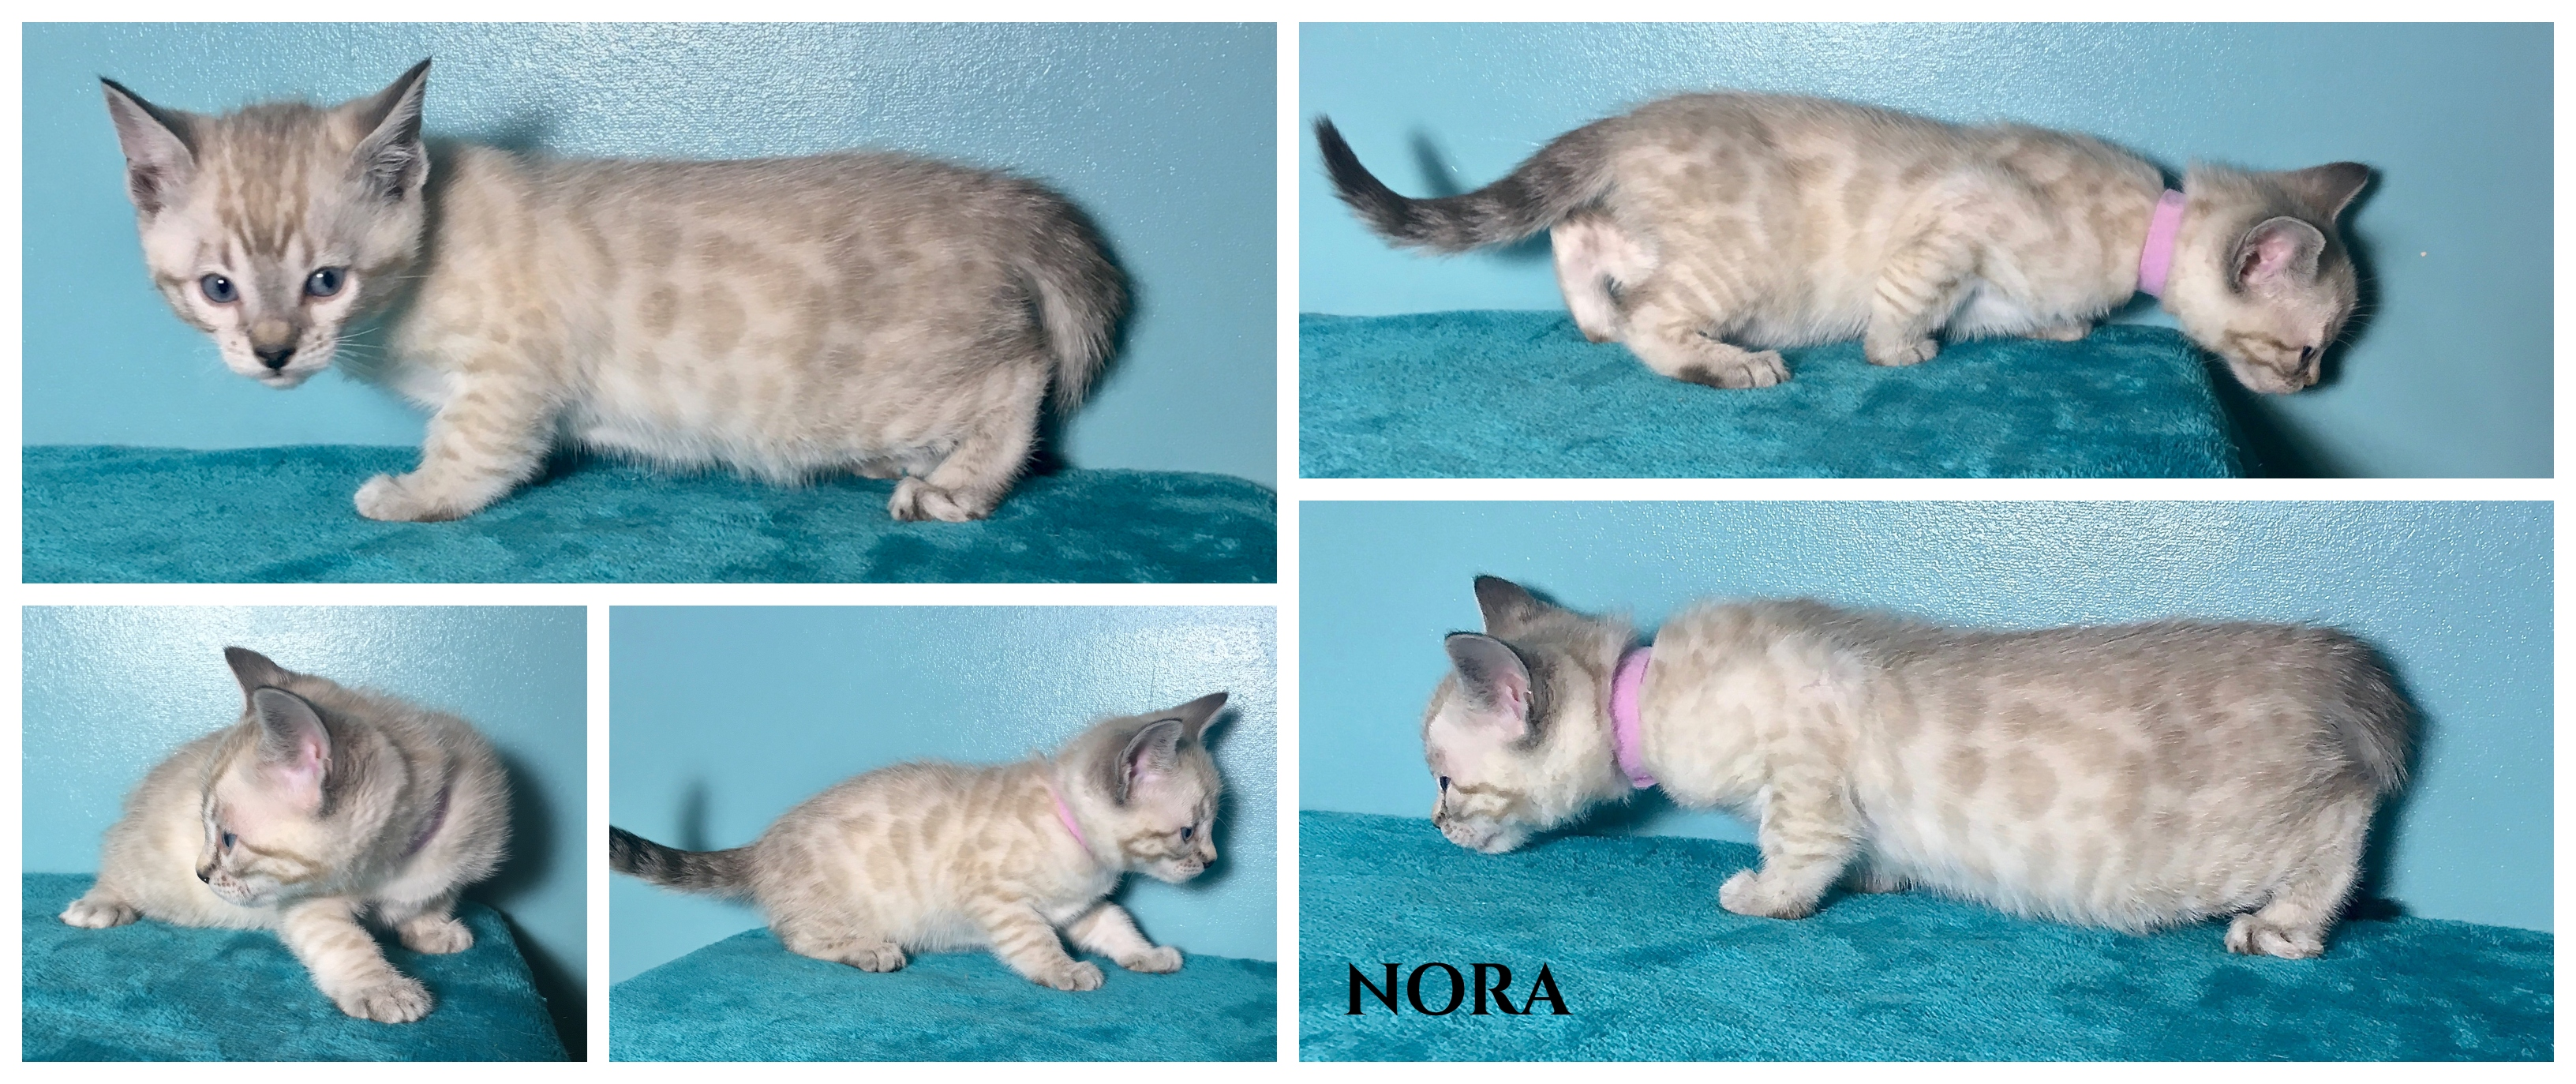 Nora 6 weeks